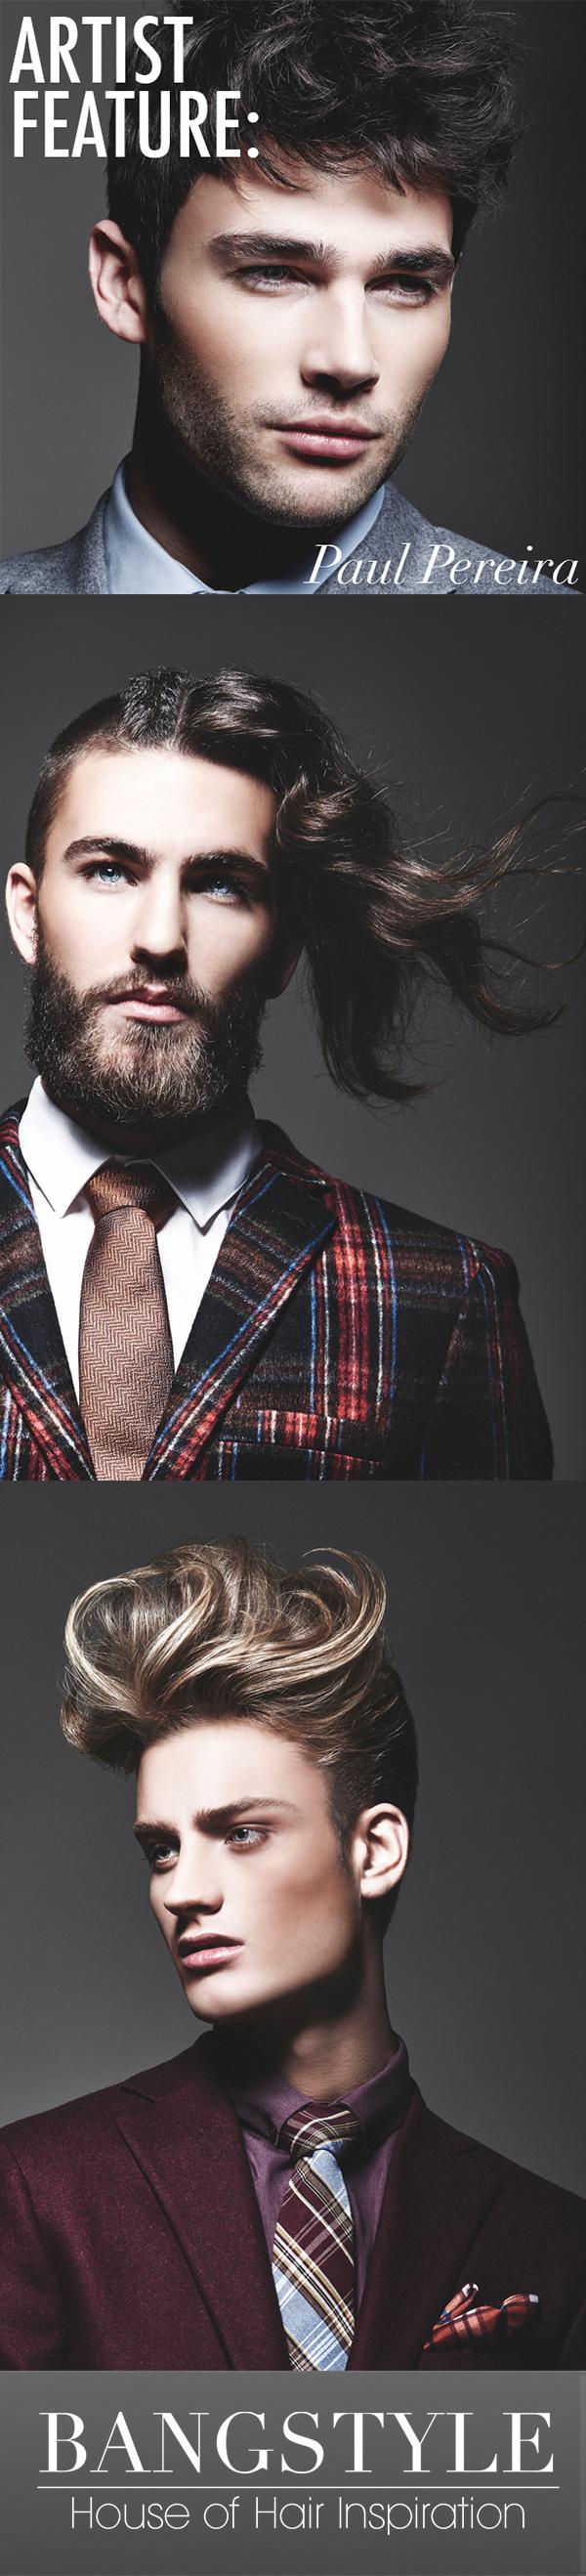 Mens haircut tutorials artist feature paul pereira  hair tutorials  consigue el estilo